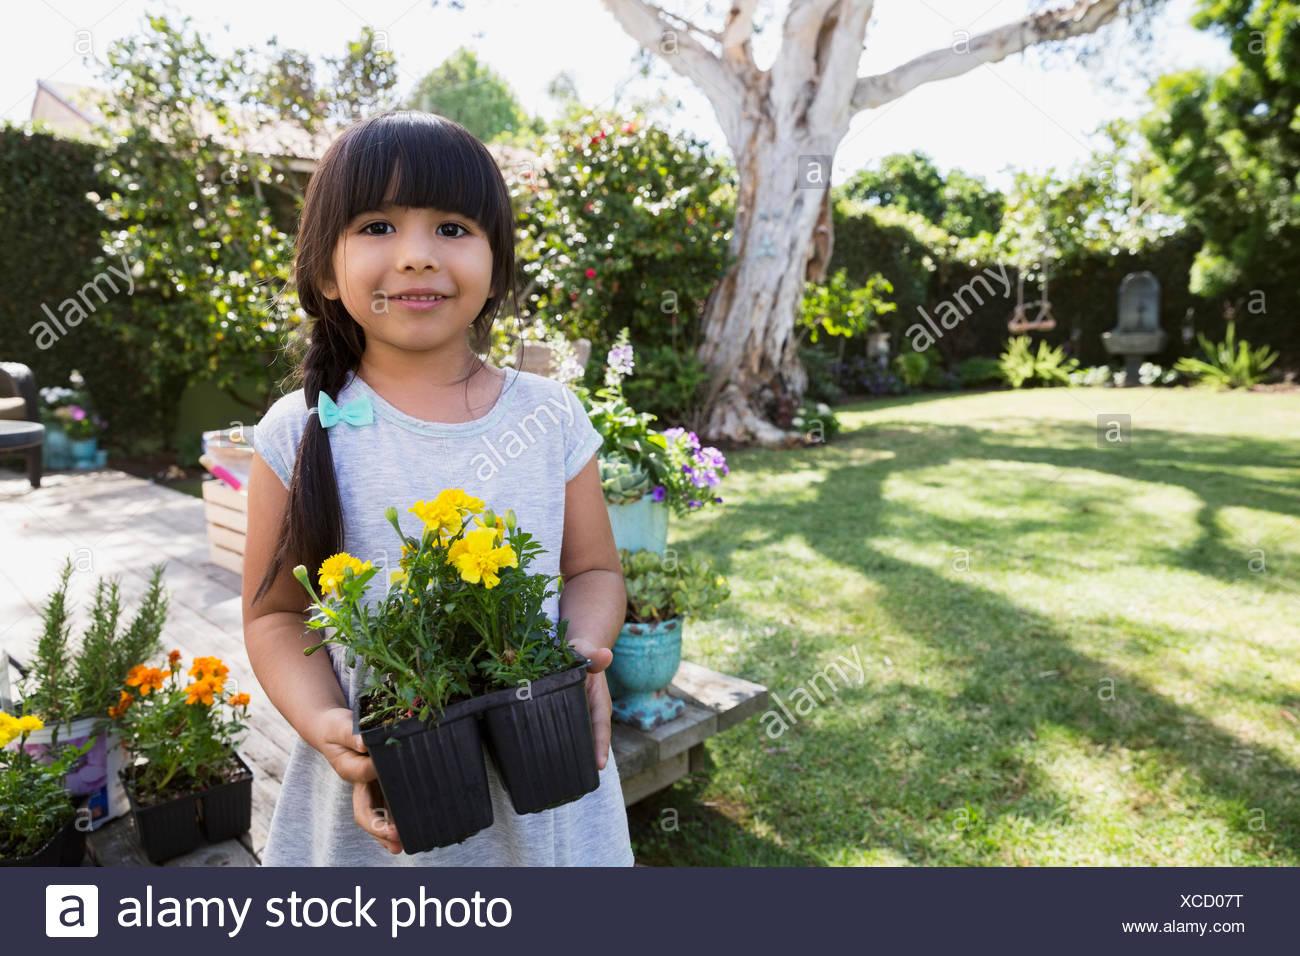 Ritratto sorridente ragazza con vasi di fiori Immagini Stock